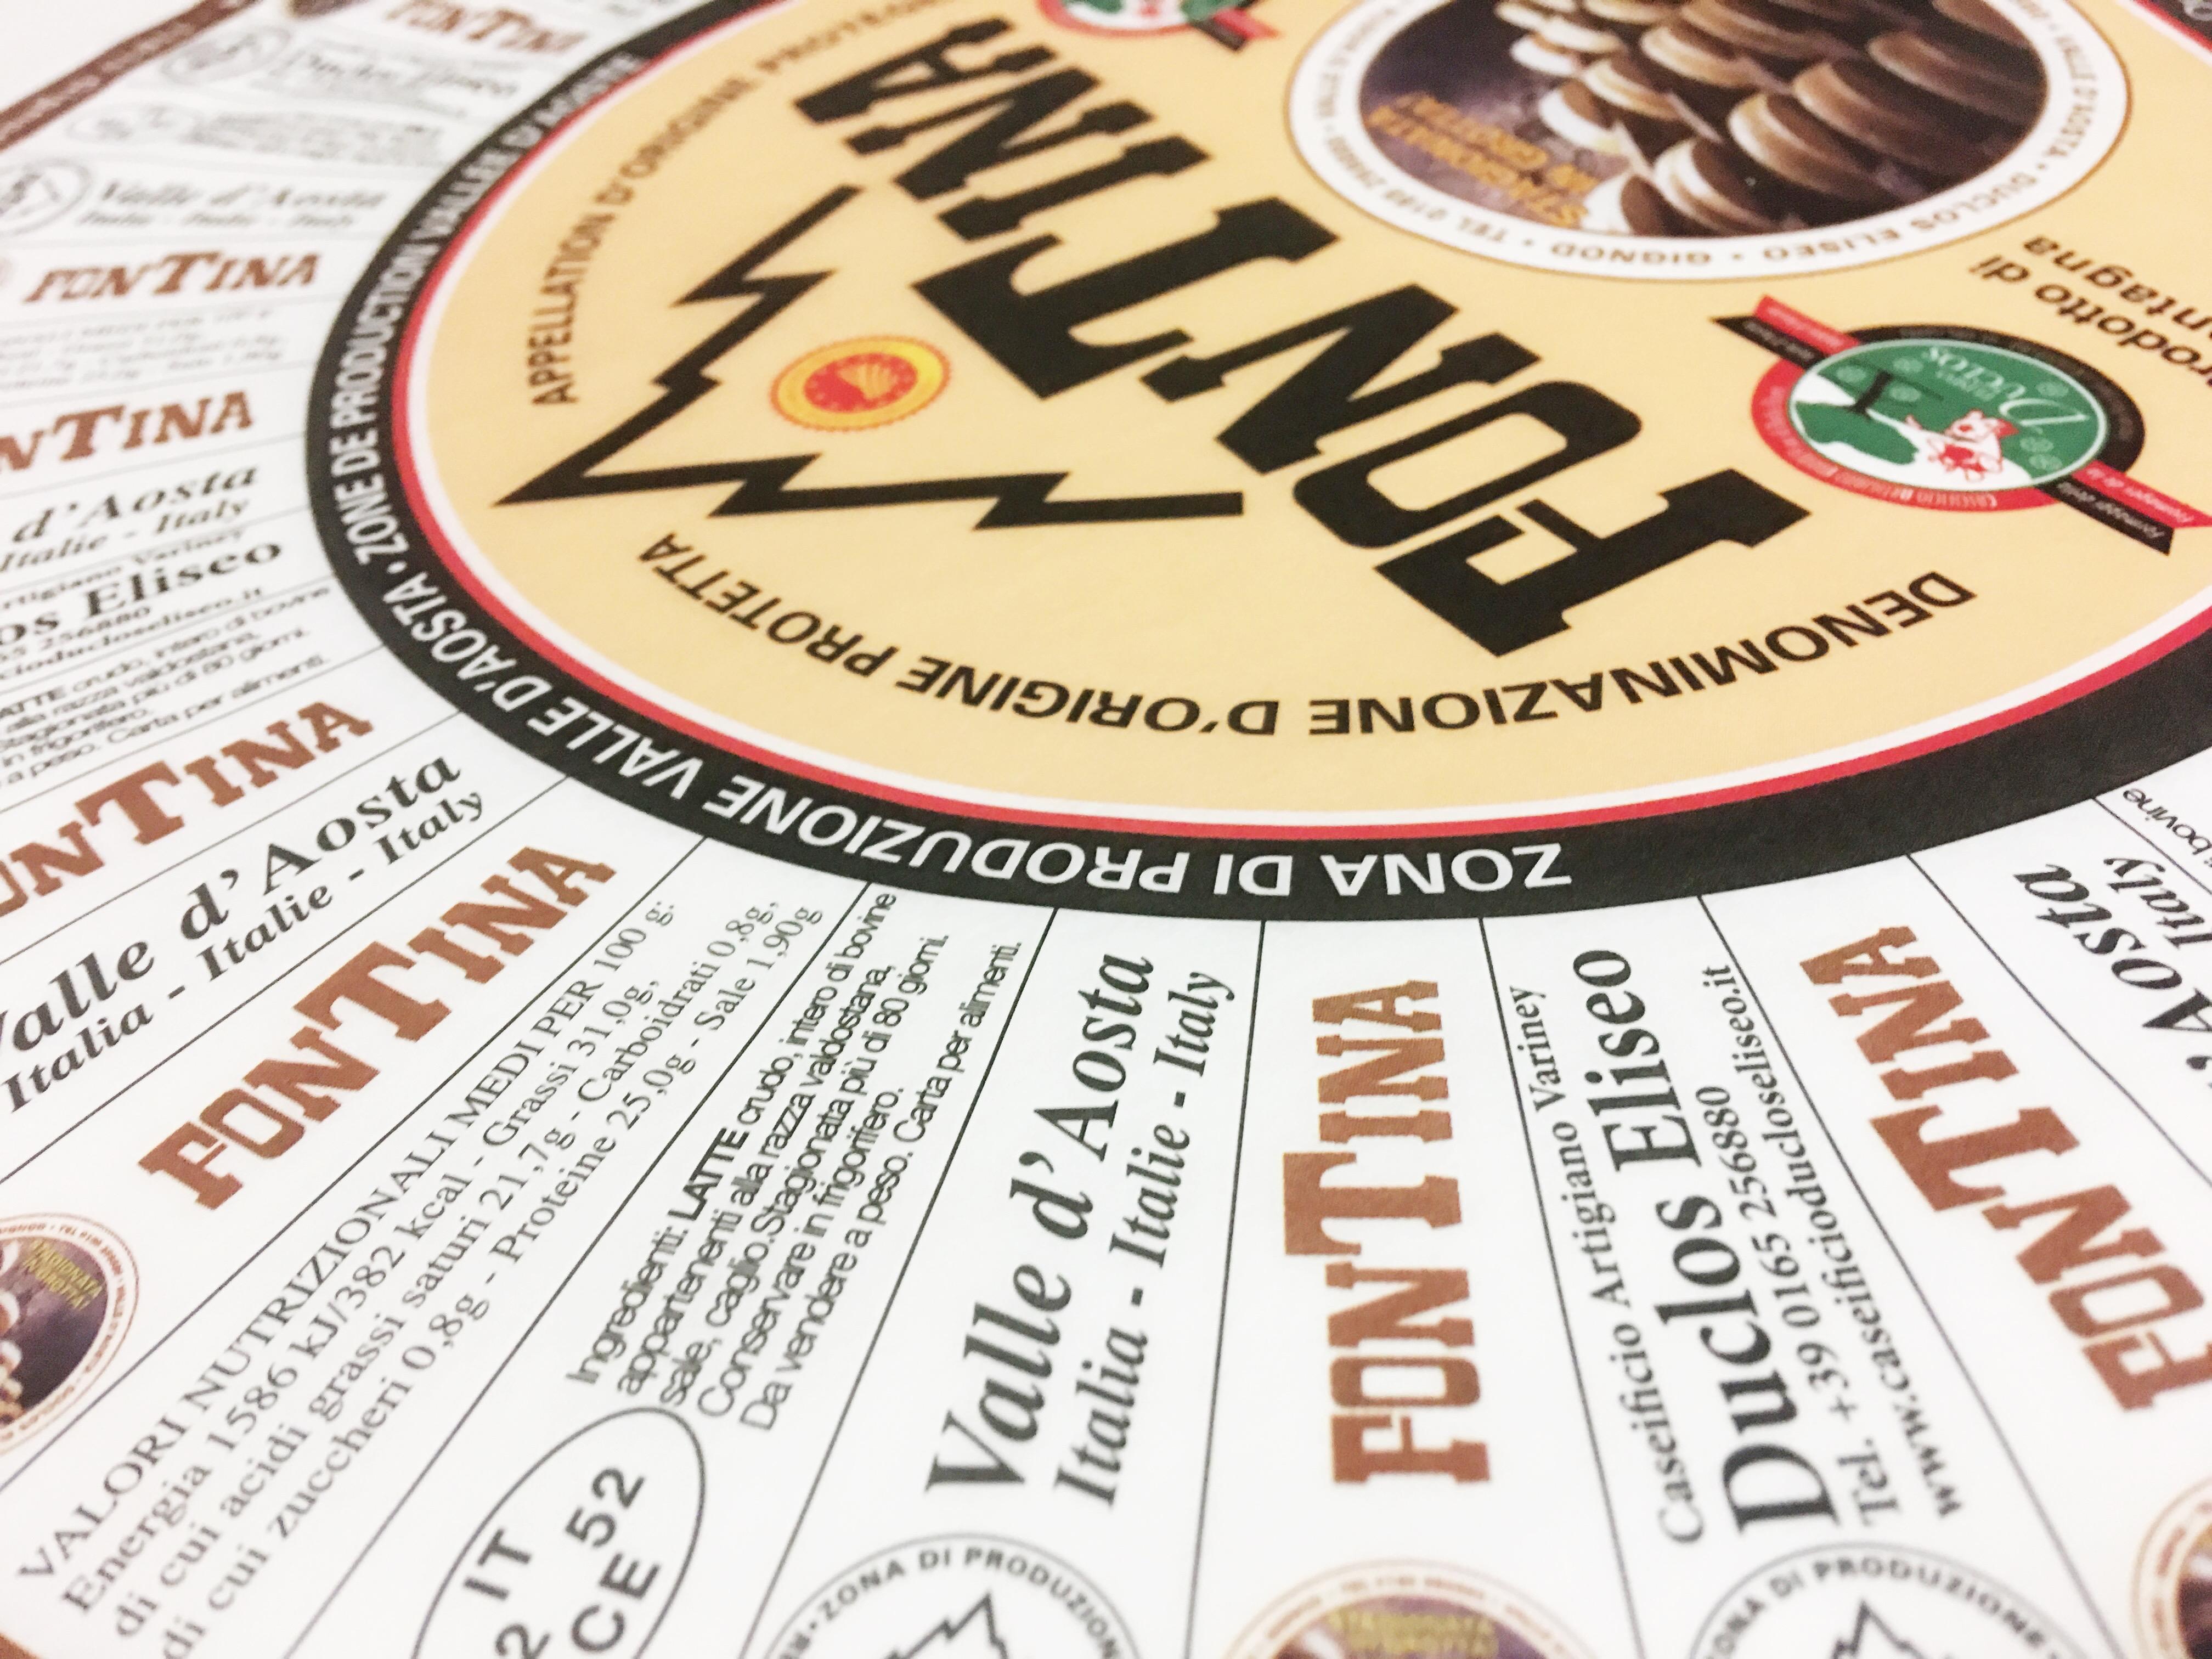 Duclos Fontina - prodotti locali valdostani - Vivere per Racocntarla